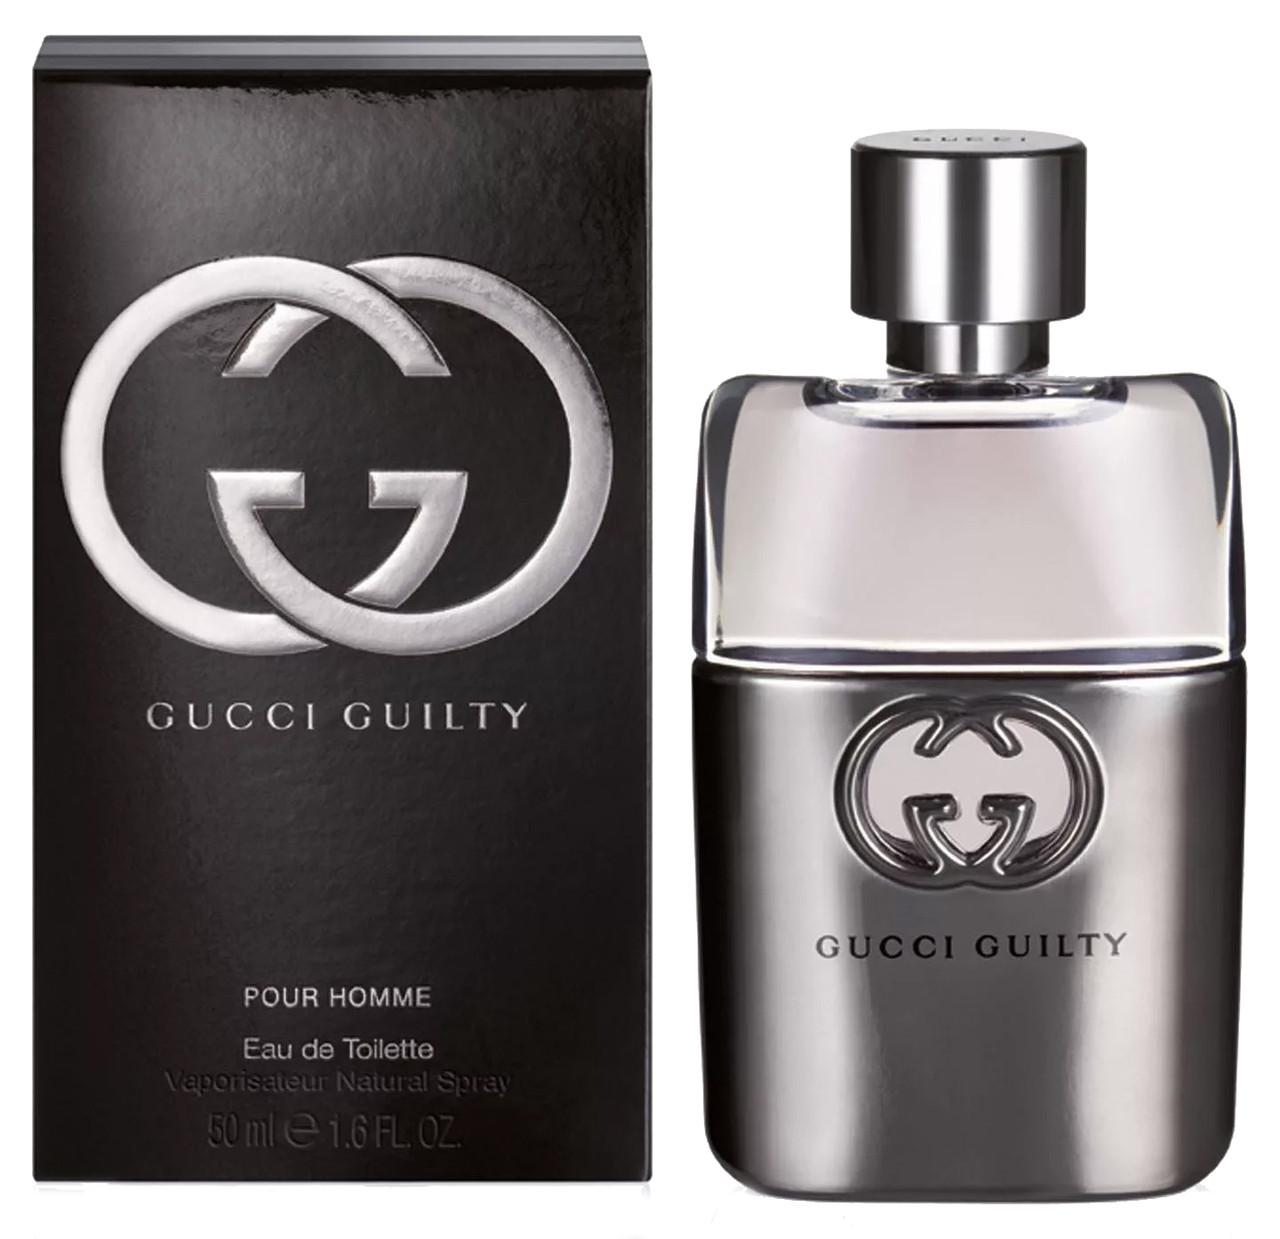 Туалетная вода мужская Gucci Guilty Pour Homme, 90 мл